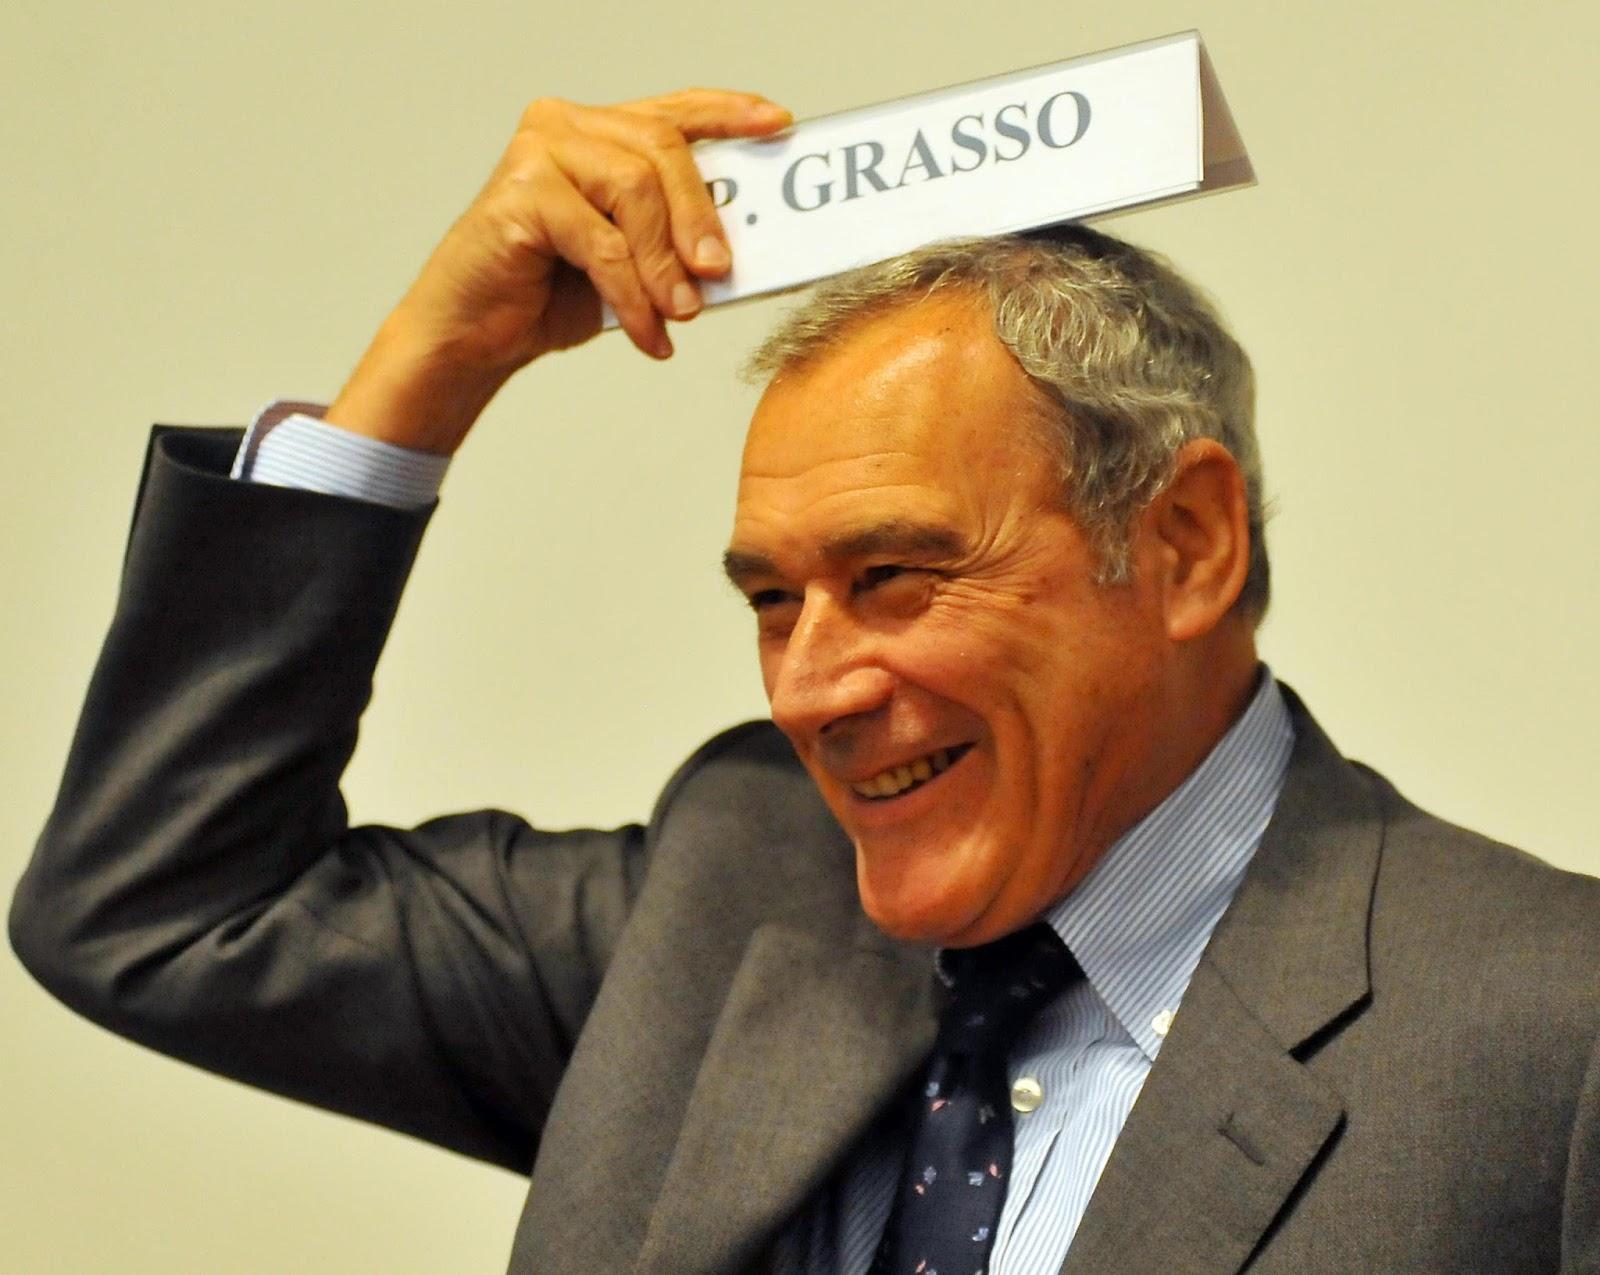 9d689d79c13a Beppe Grasso e Pietro Grillo